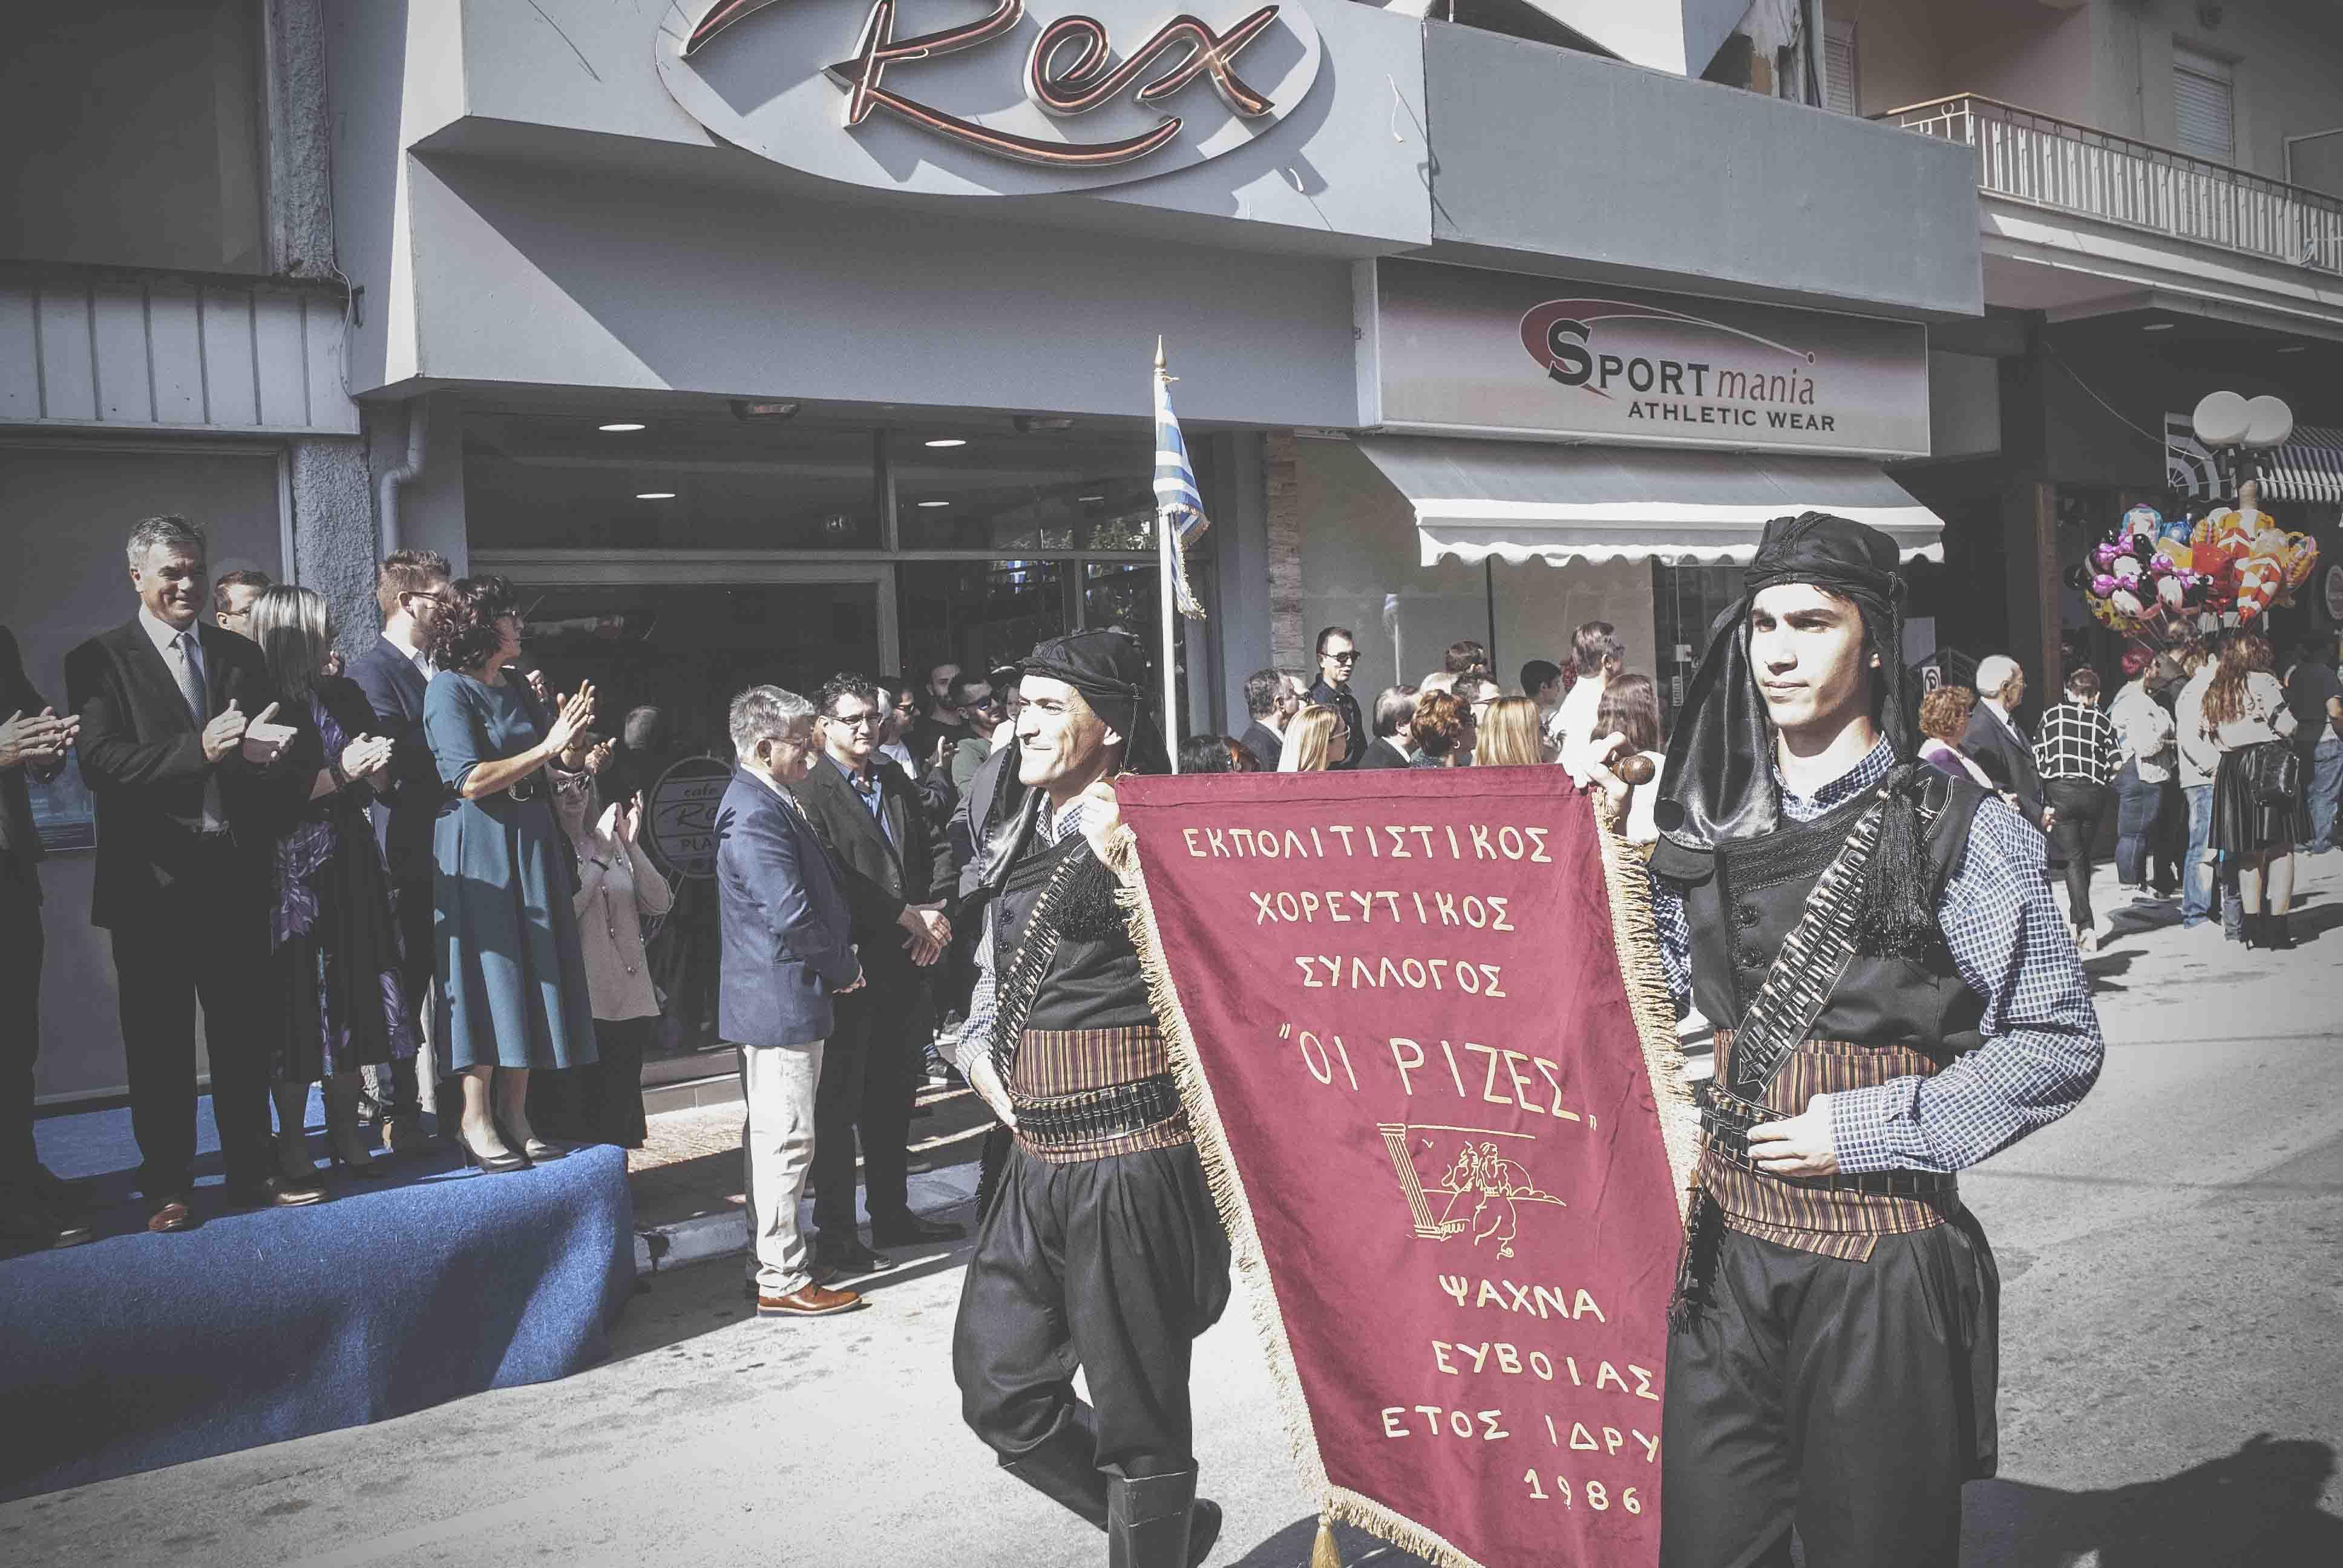 Η παρέλαση της 28ης Οκτωβρίου σε Καστέλλα και Ψαχνά (φωτό) DSC 0322